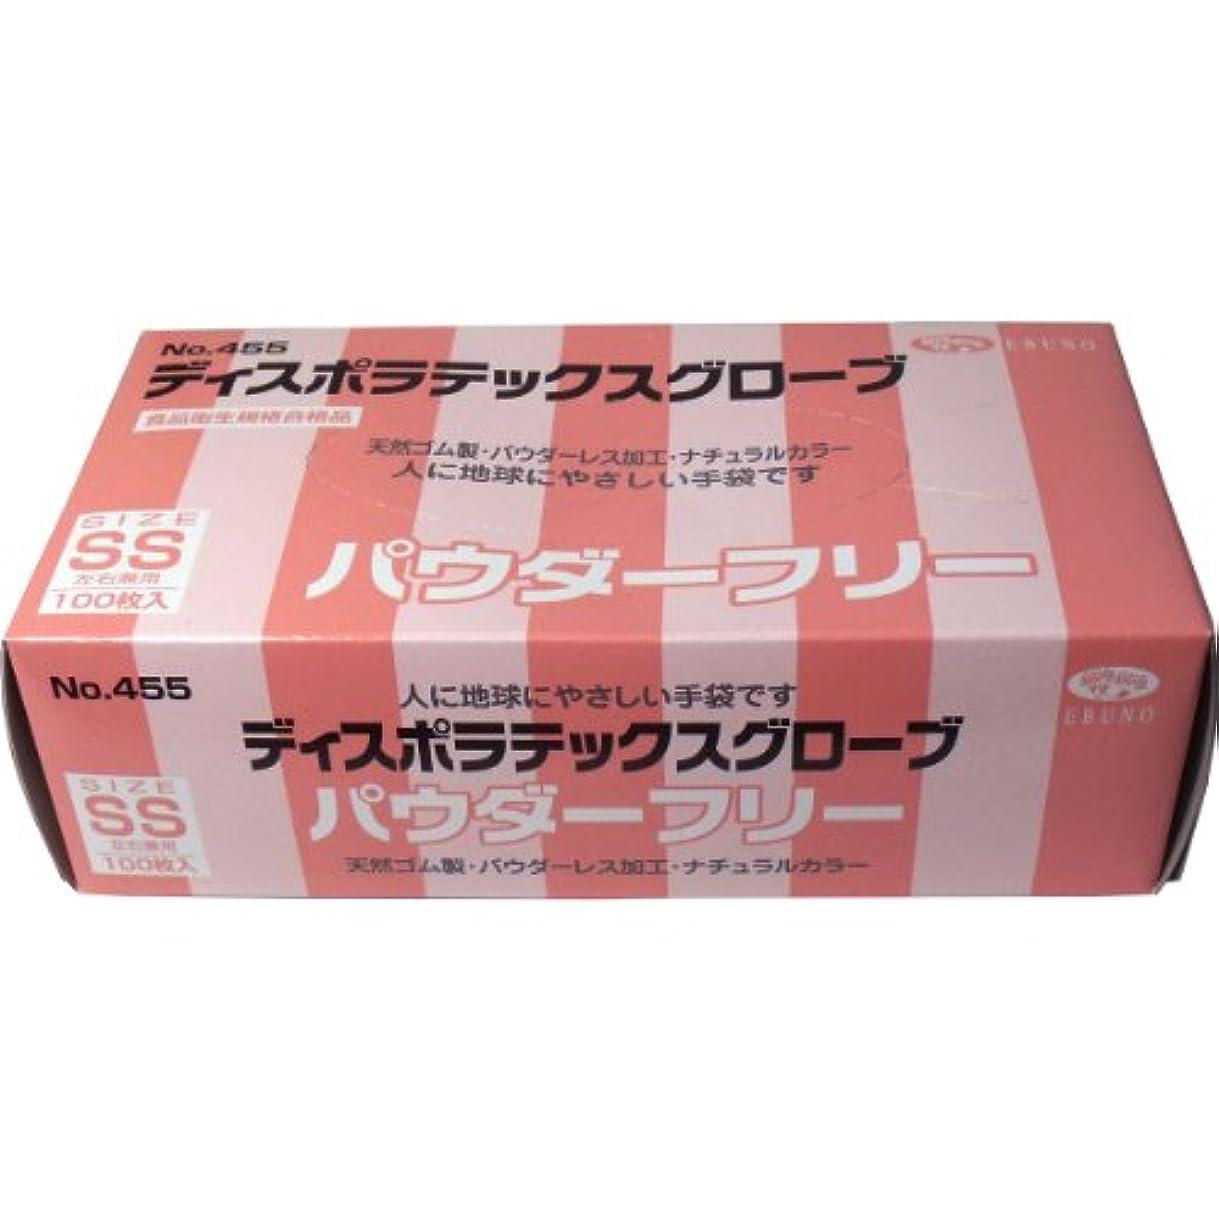 検証小包王室ディスポ ラテックスグローブ(天然ゴム手袋) パウダーフリー SSサイズ 100枚入【3個セット】